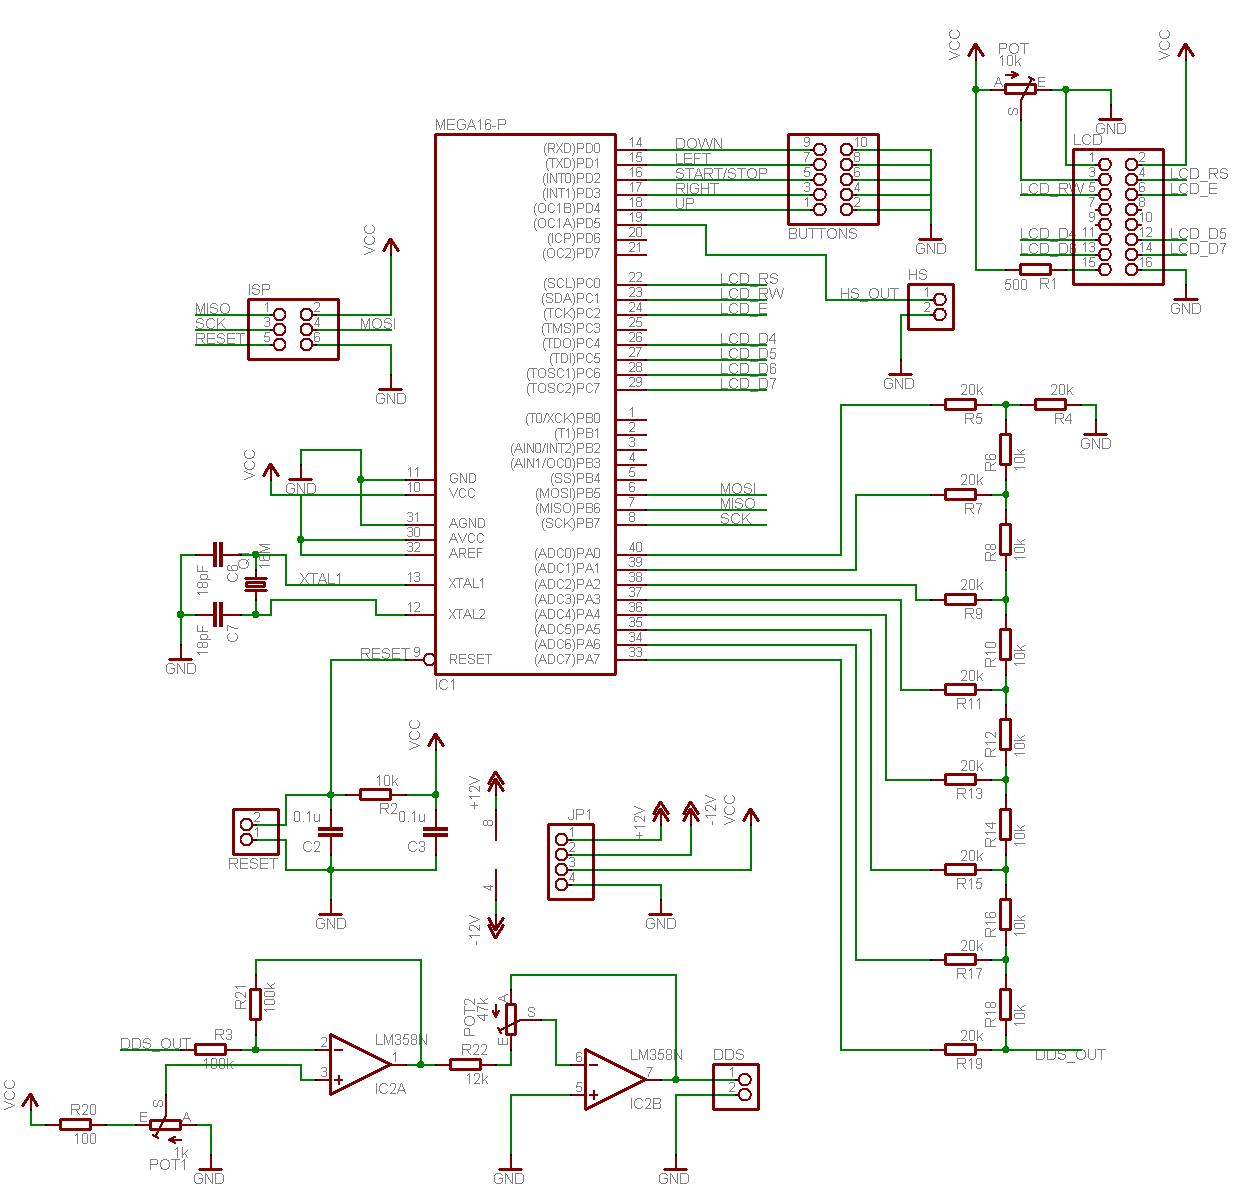 50 amp 3 wire schematic sinus erzeugen mit mikrocontroller mikrocontroller net  sinus erzeugen mit mikrocontroller mikrocontroller net